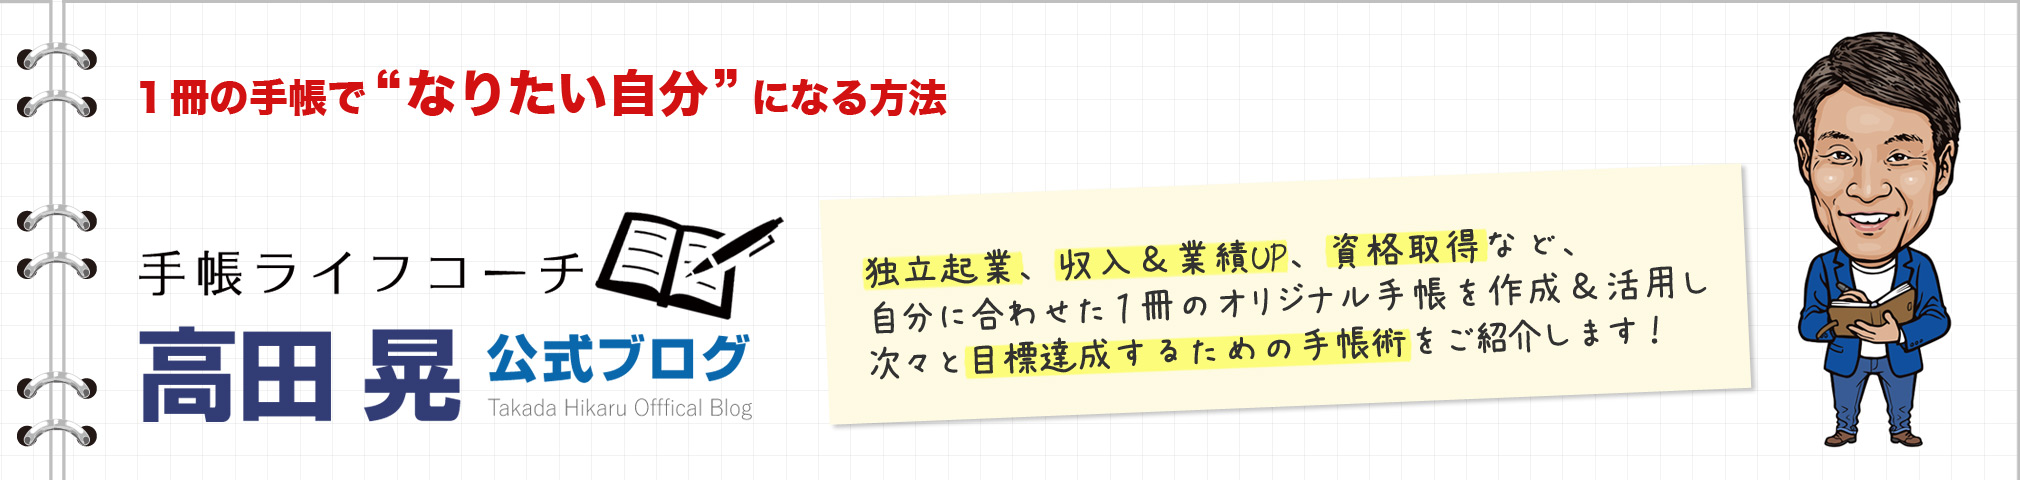 【私の手帳タイム】いつどのタイミングで目標・行動計画を立てているのか? | 手帳ライフコーチ高田晃 公式ブログ